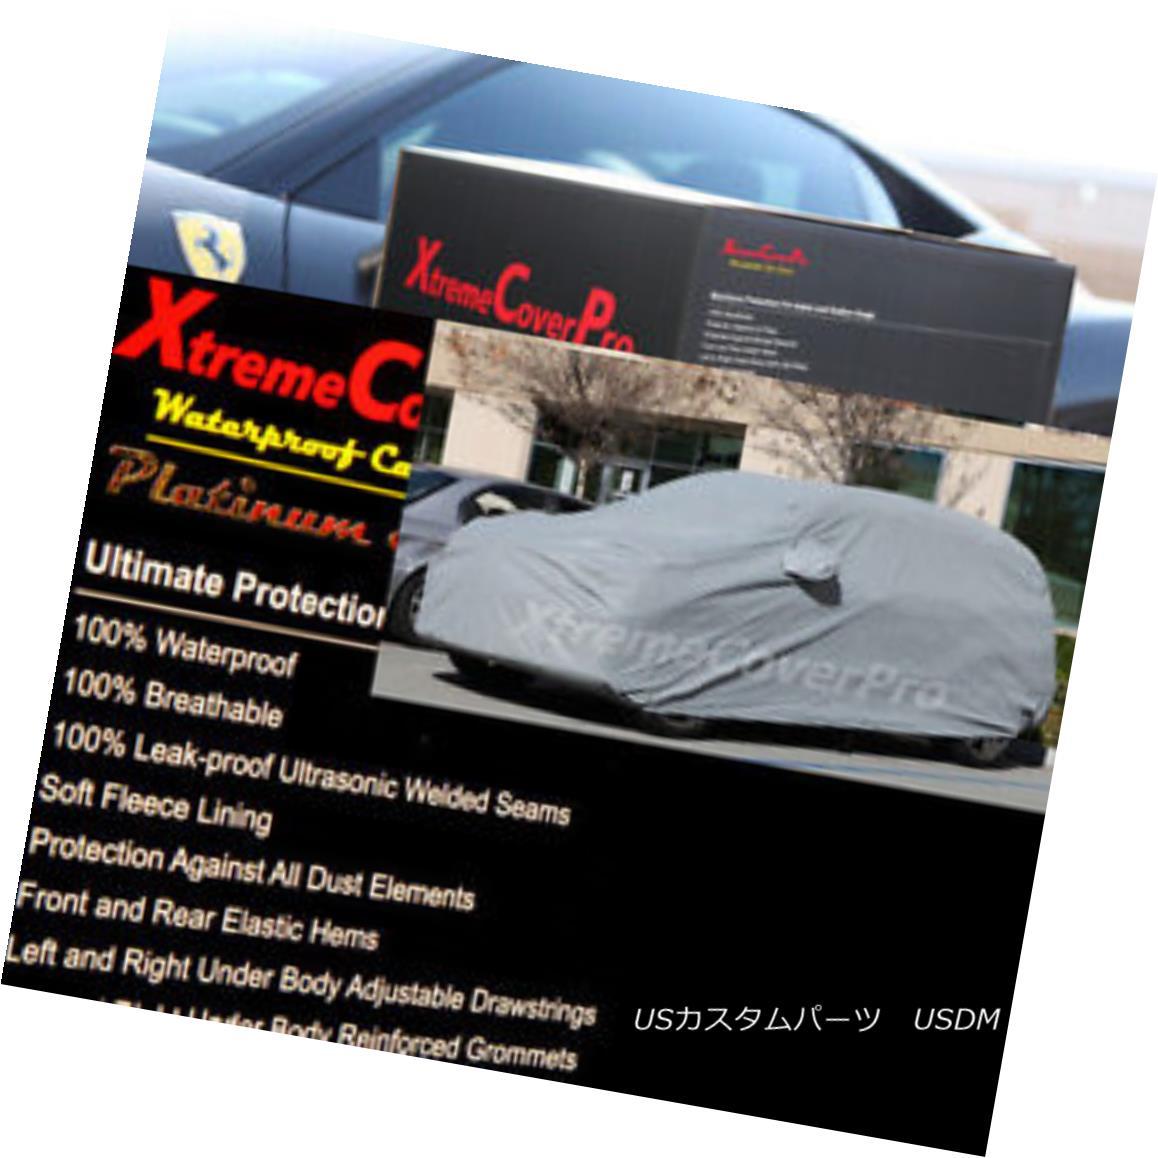 カーカバー 2015 TOYOTA RAV4 RAV4 EV Waterproof Car Cover w/Mirror Pockets - Gray 2015 TOYOTA RAV4 RAV4 EV防水カーカバー付き/ミラーポケット - グレー